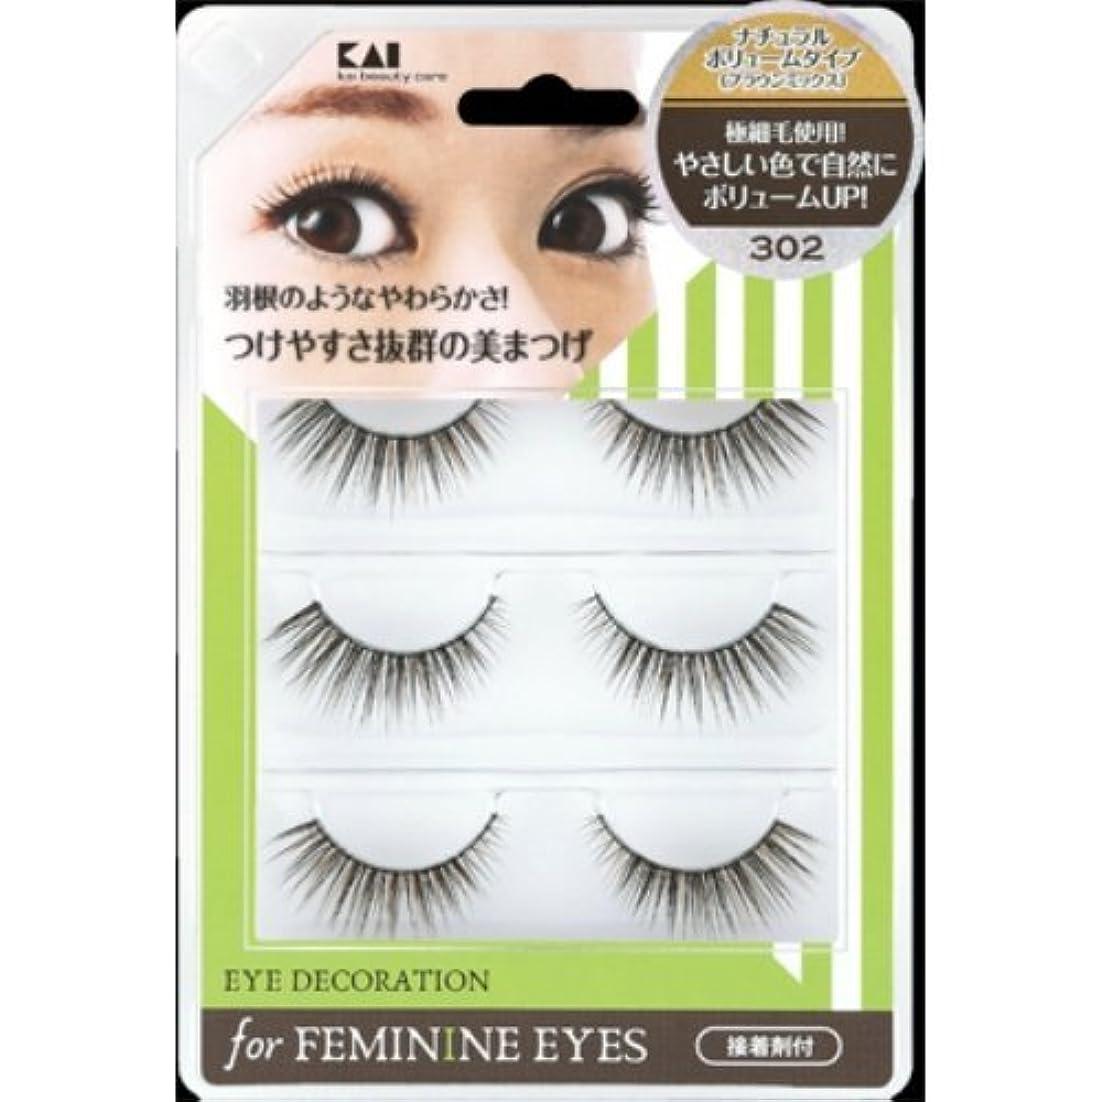 アサー胚代替案貝印 アイデコレーション for feminine eyes 302 HC1562